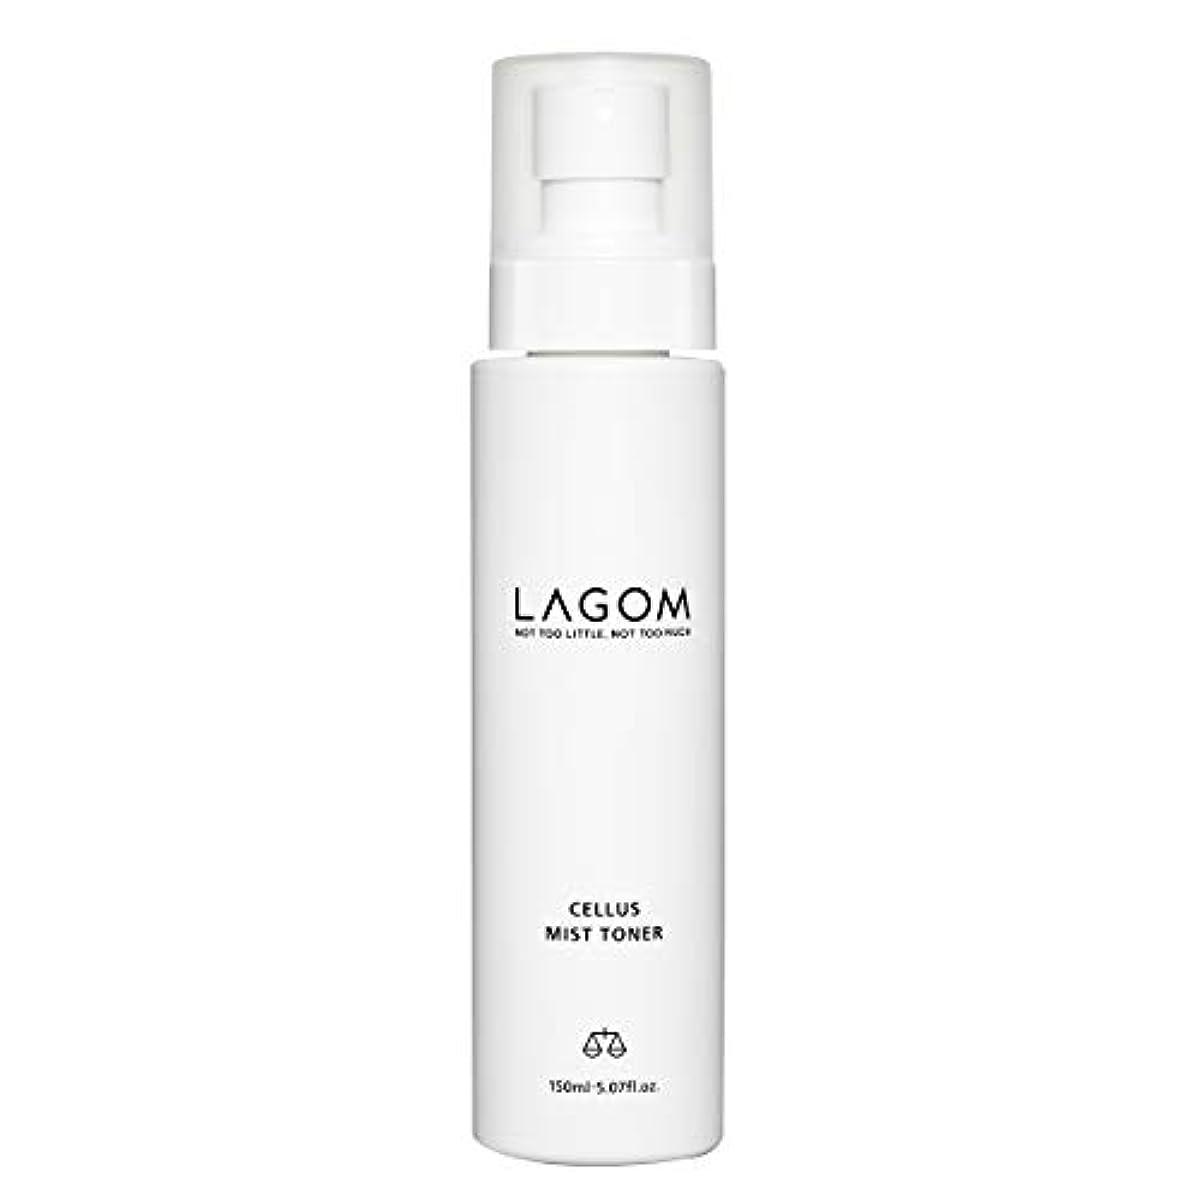 凝視診断する大気LAGOM(ラゴム) ラゴム ミスト トナー 150ml (化粧水) 日本正規品